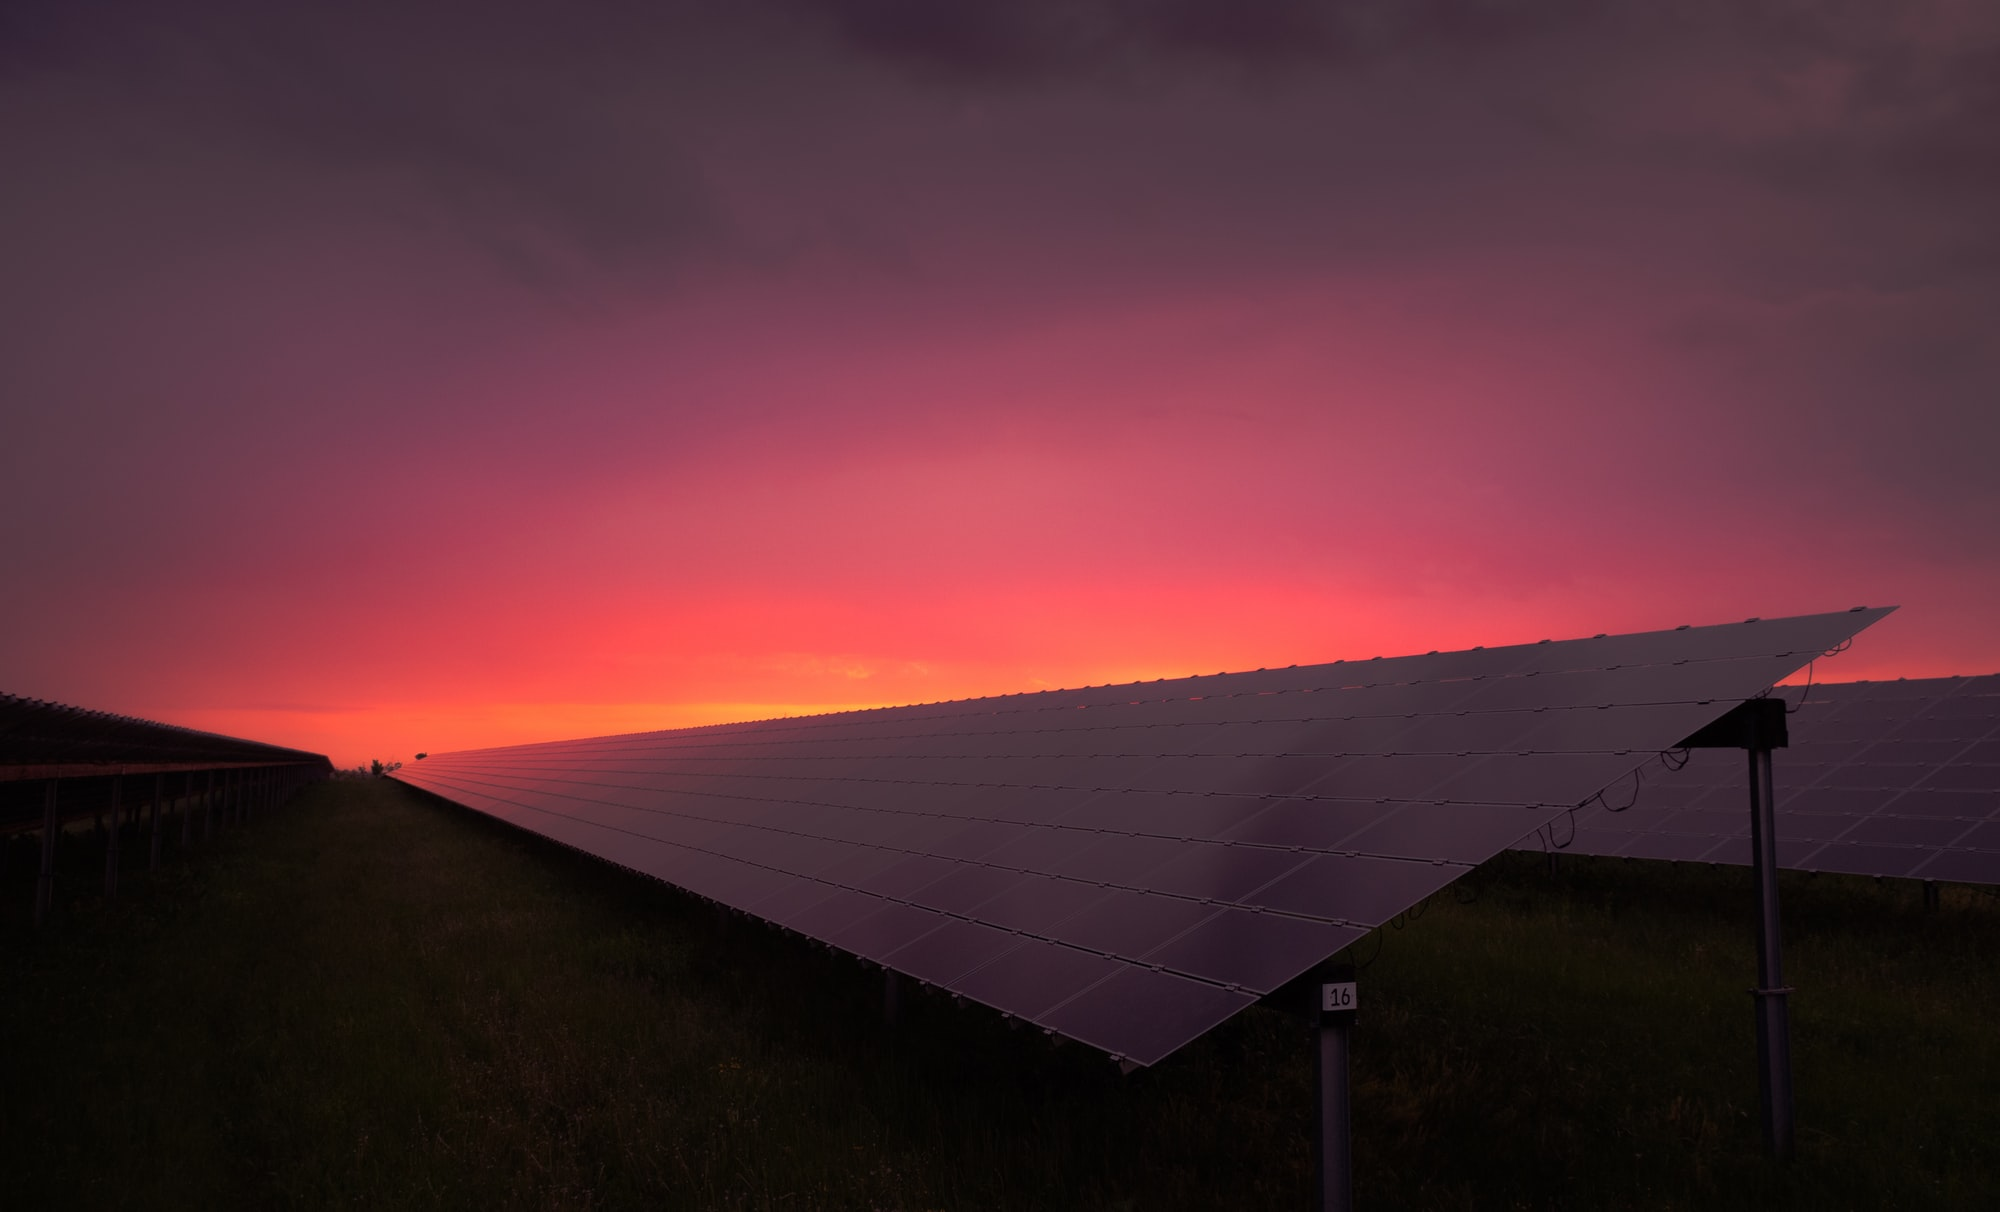 🌓 Här är solpanelen som fungerar på natten